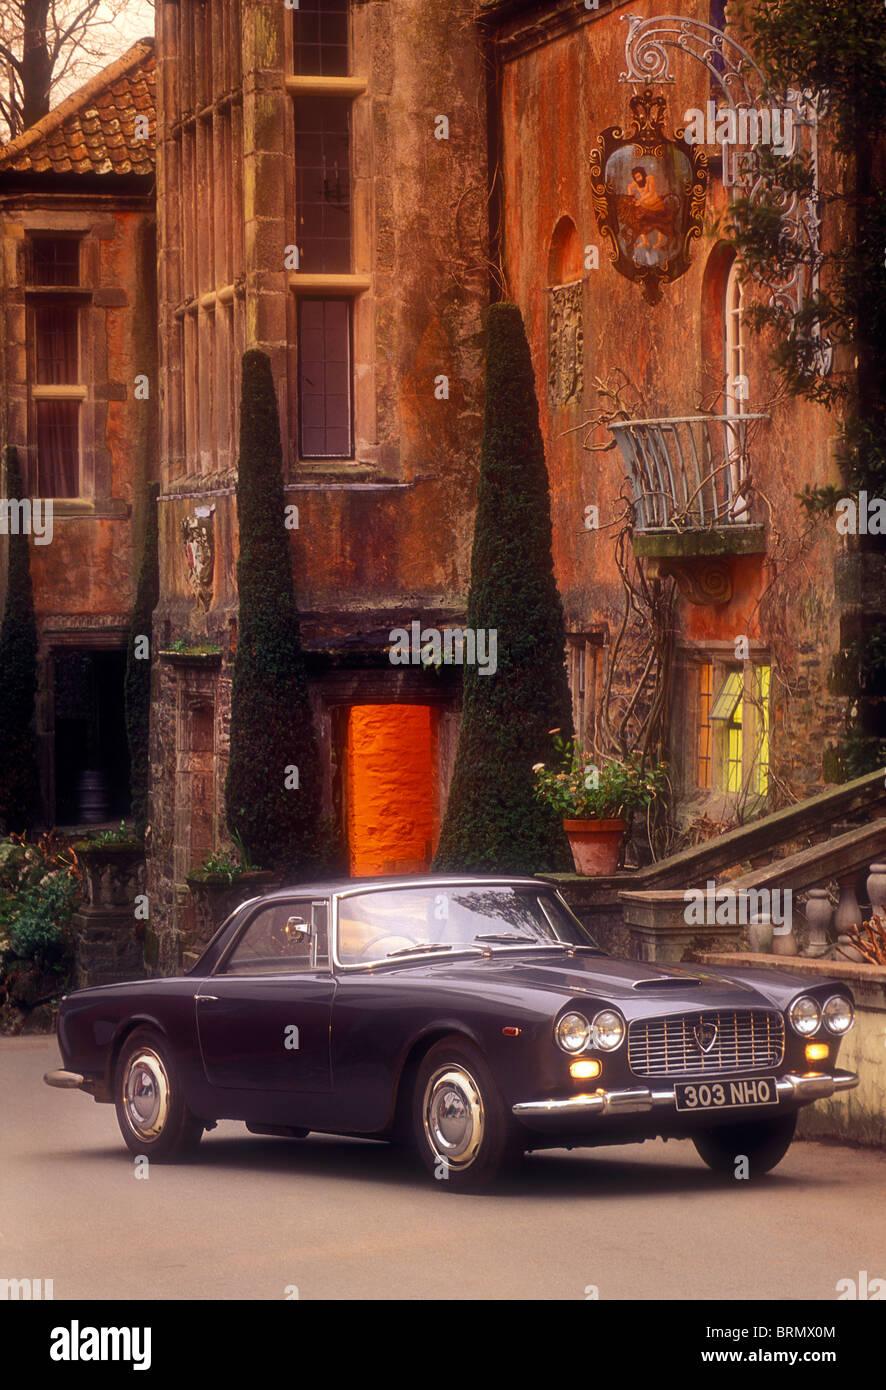 Lancia Flaminia Coupe 1963 at Portmeirion Village Wales - Stock Image